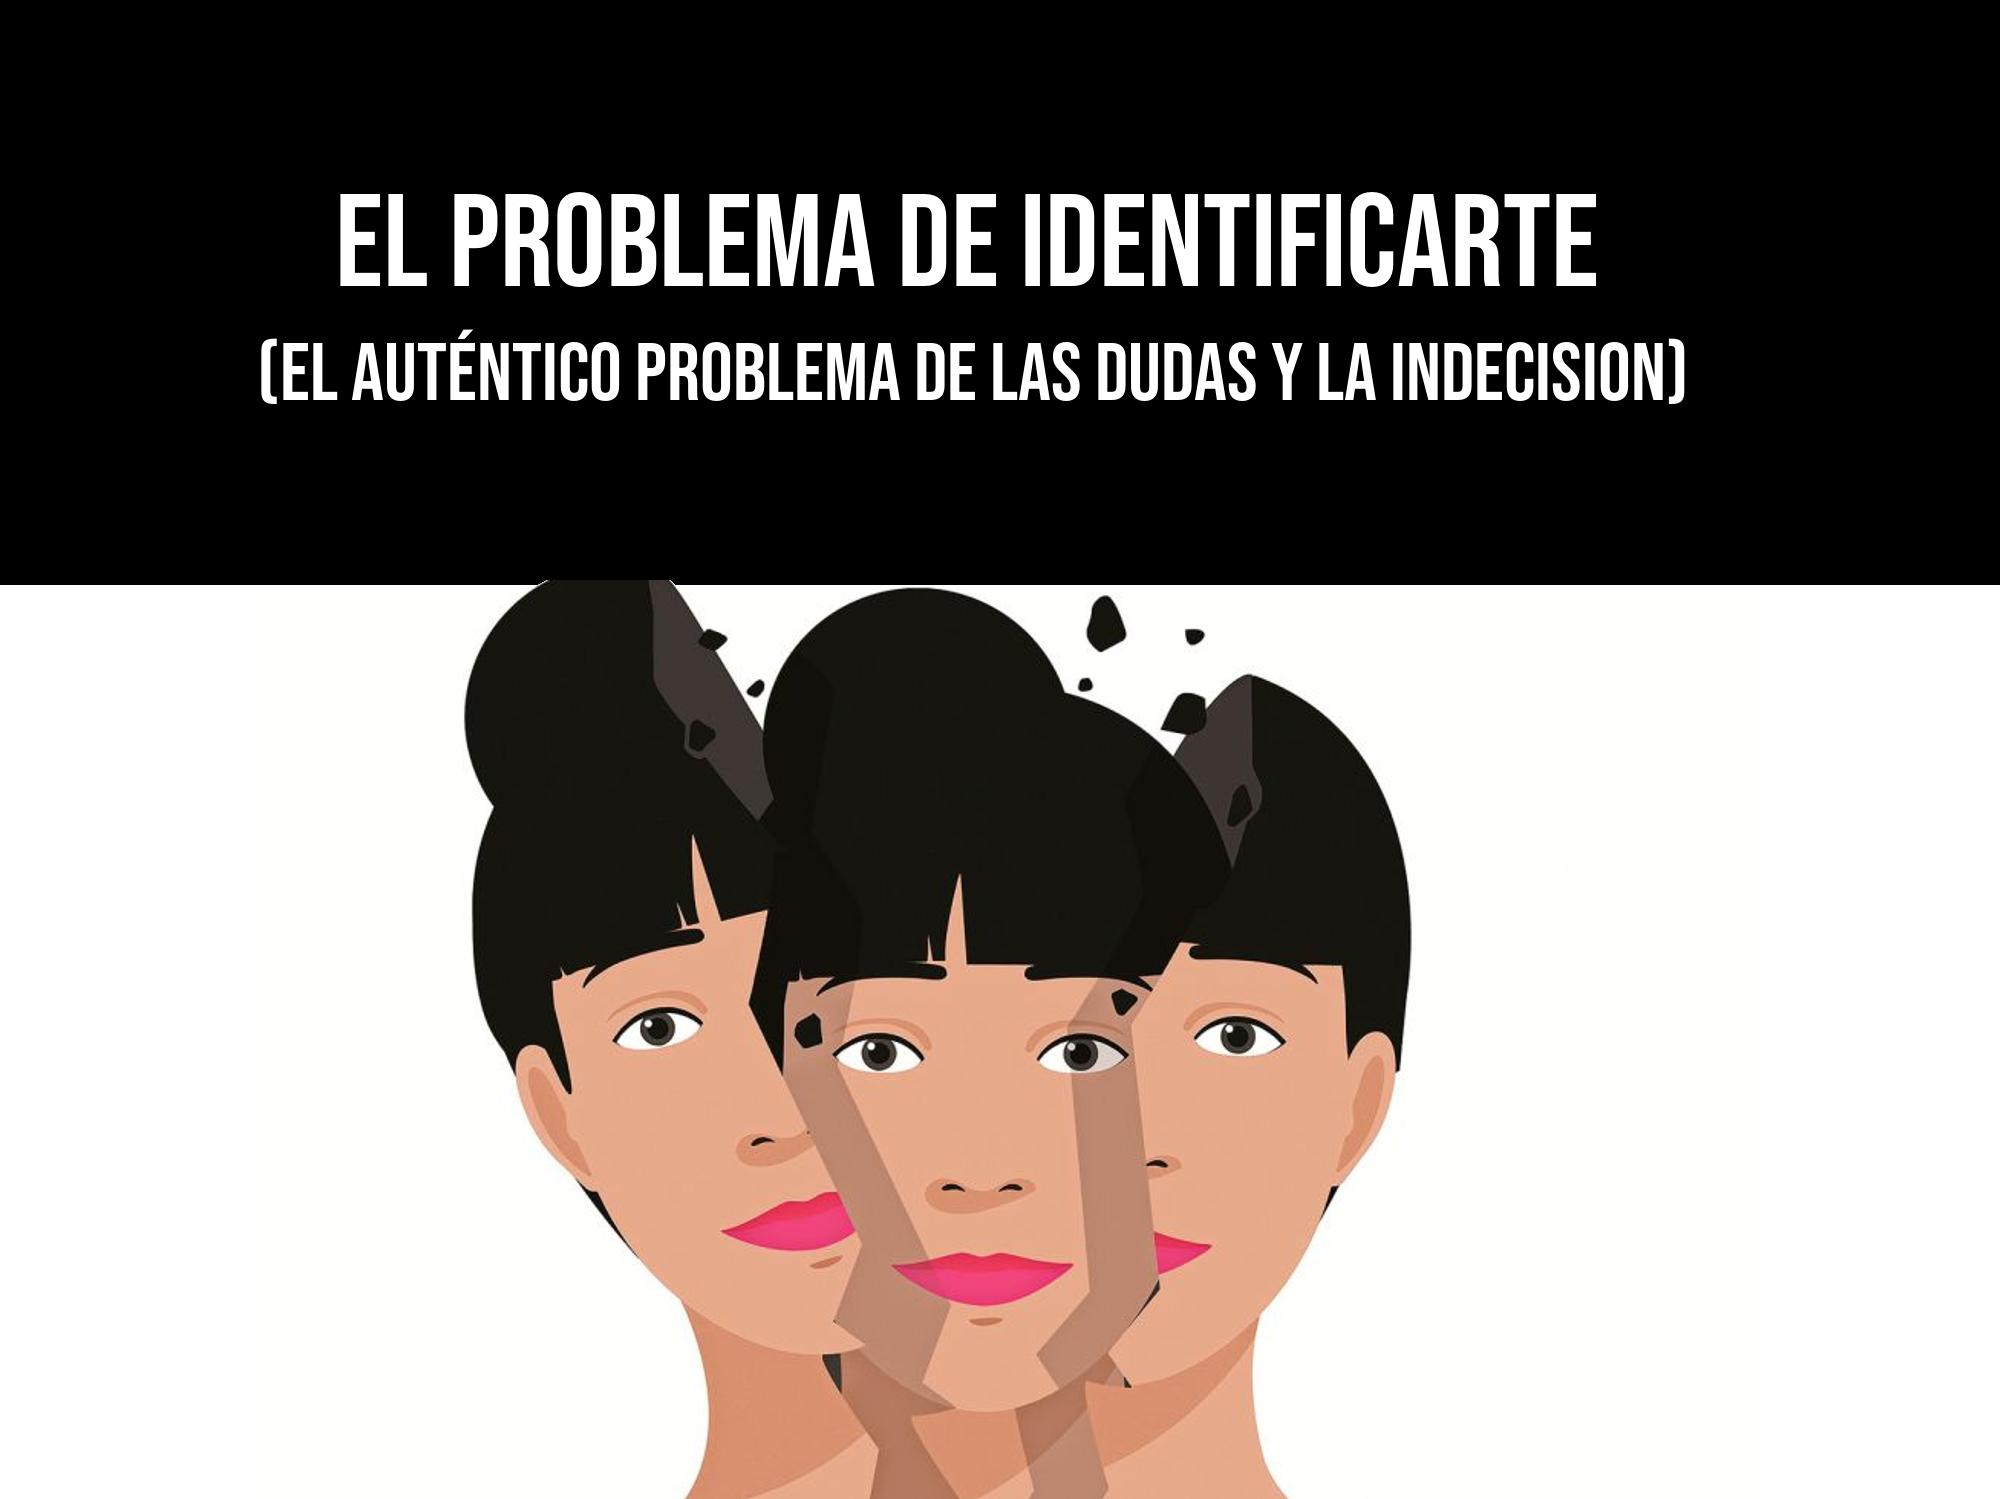 El problema de identificarte (la causa de las dudas y la indecisión)